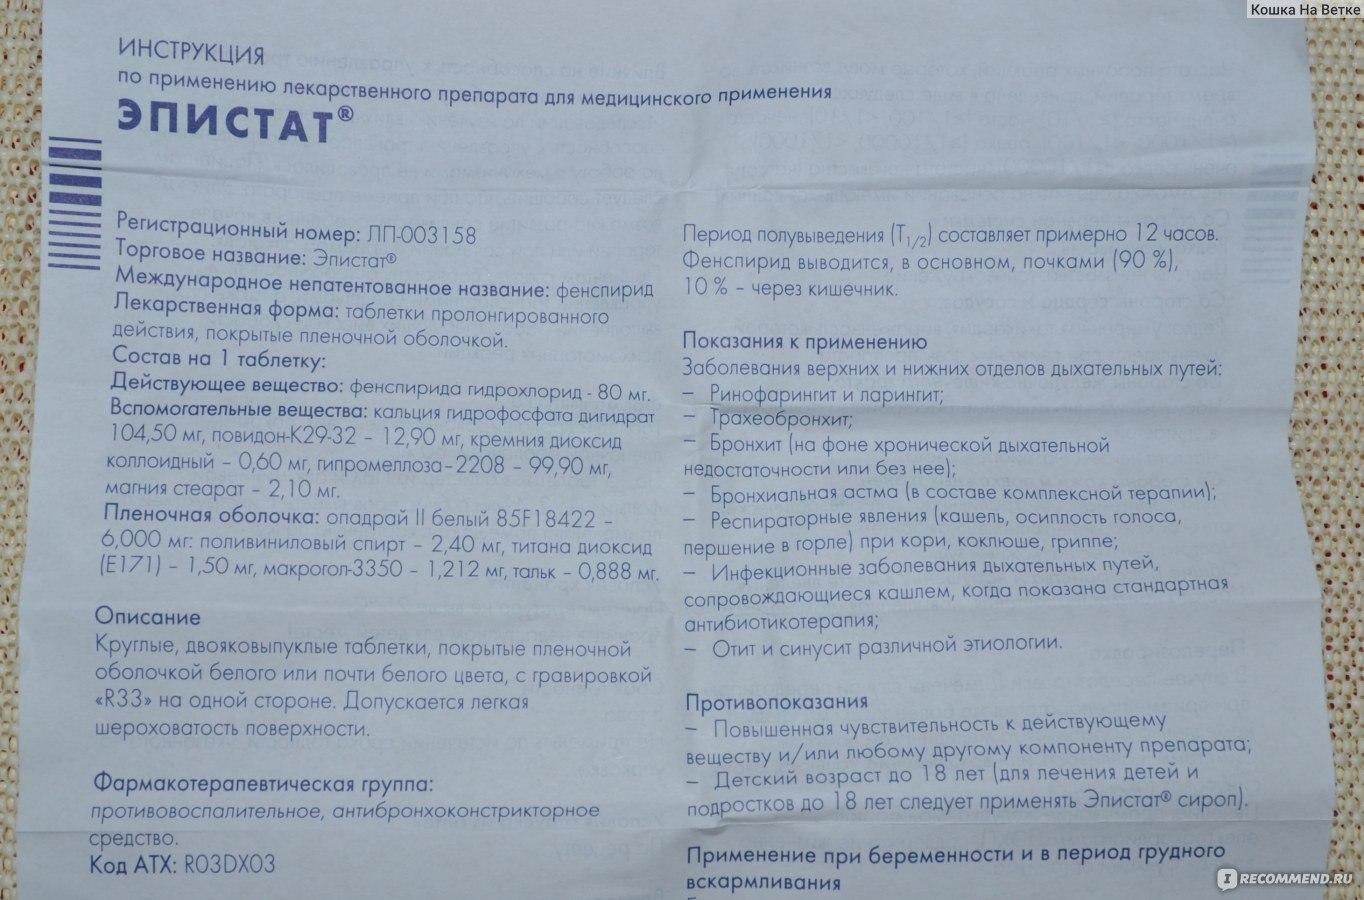 Эпистат инструкция по применению таблетки цена иркутск сборник.